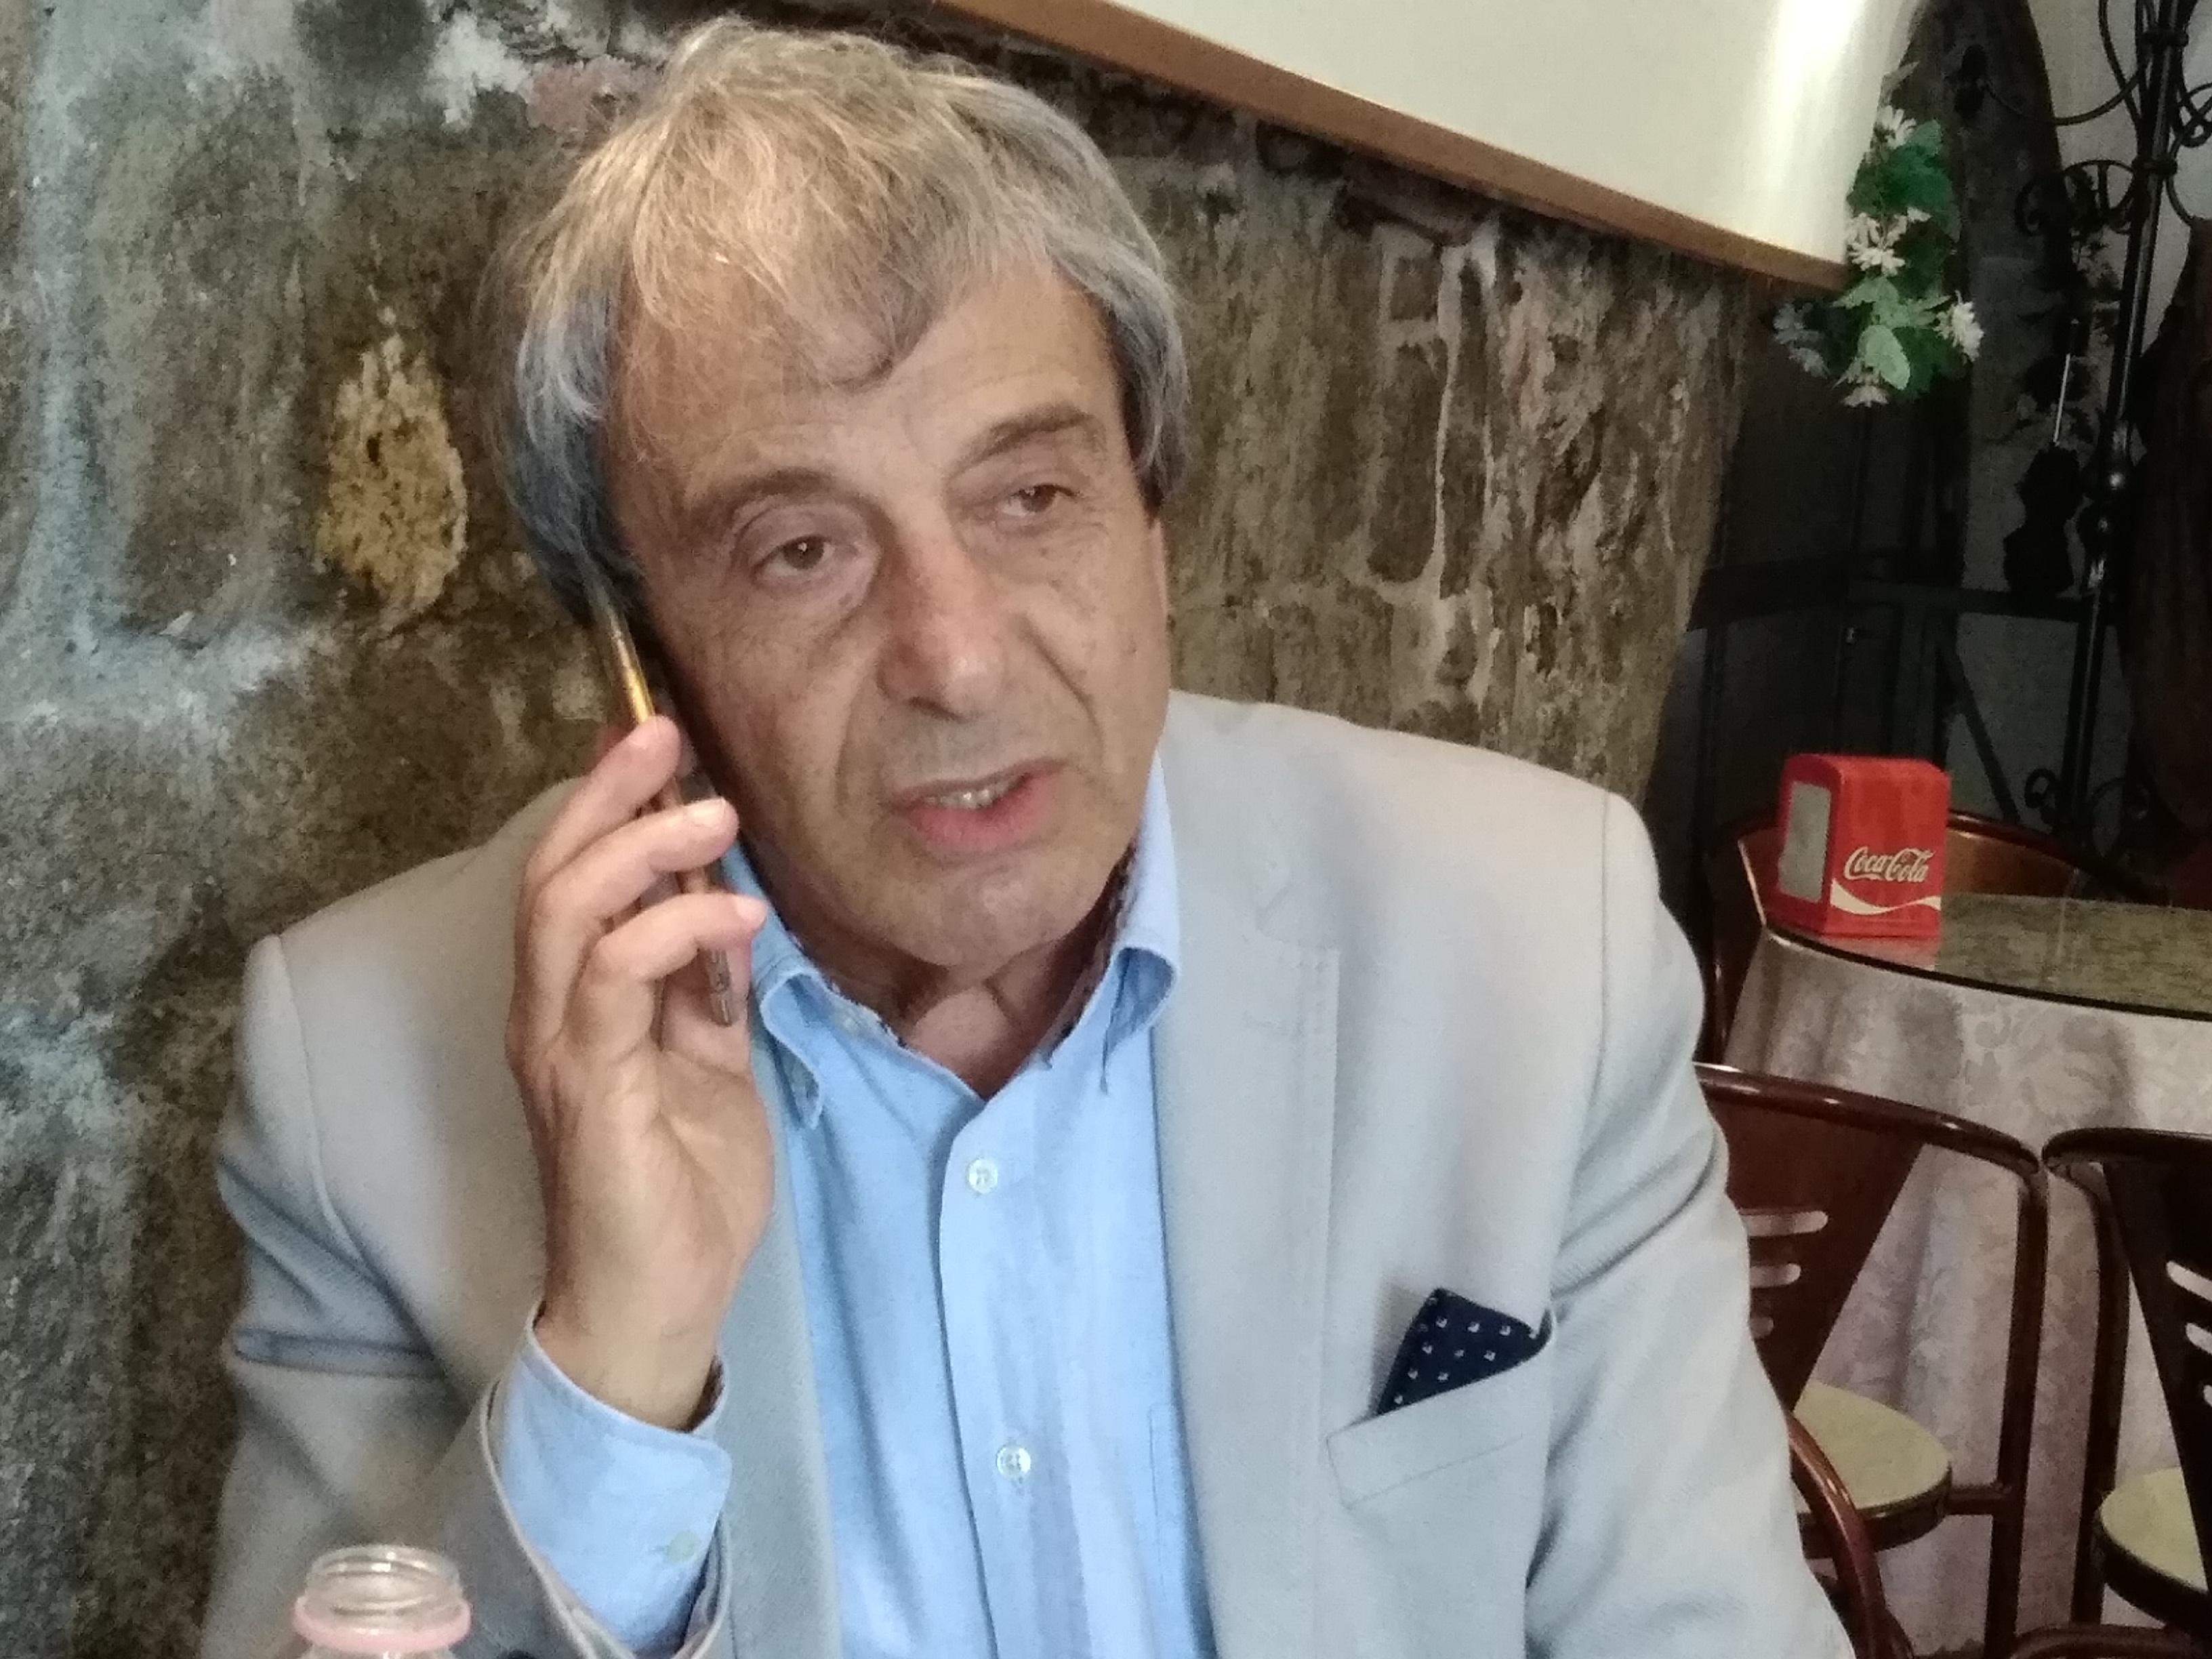 """L'intervista: """"Per Serra e Ciambella il primo turno delle comunali siano le """"primarie"""" del Pd"""", cittapaese.it incontra l'""""assessore indipendente"""" Tonino Delli Iaconi"""